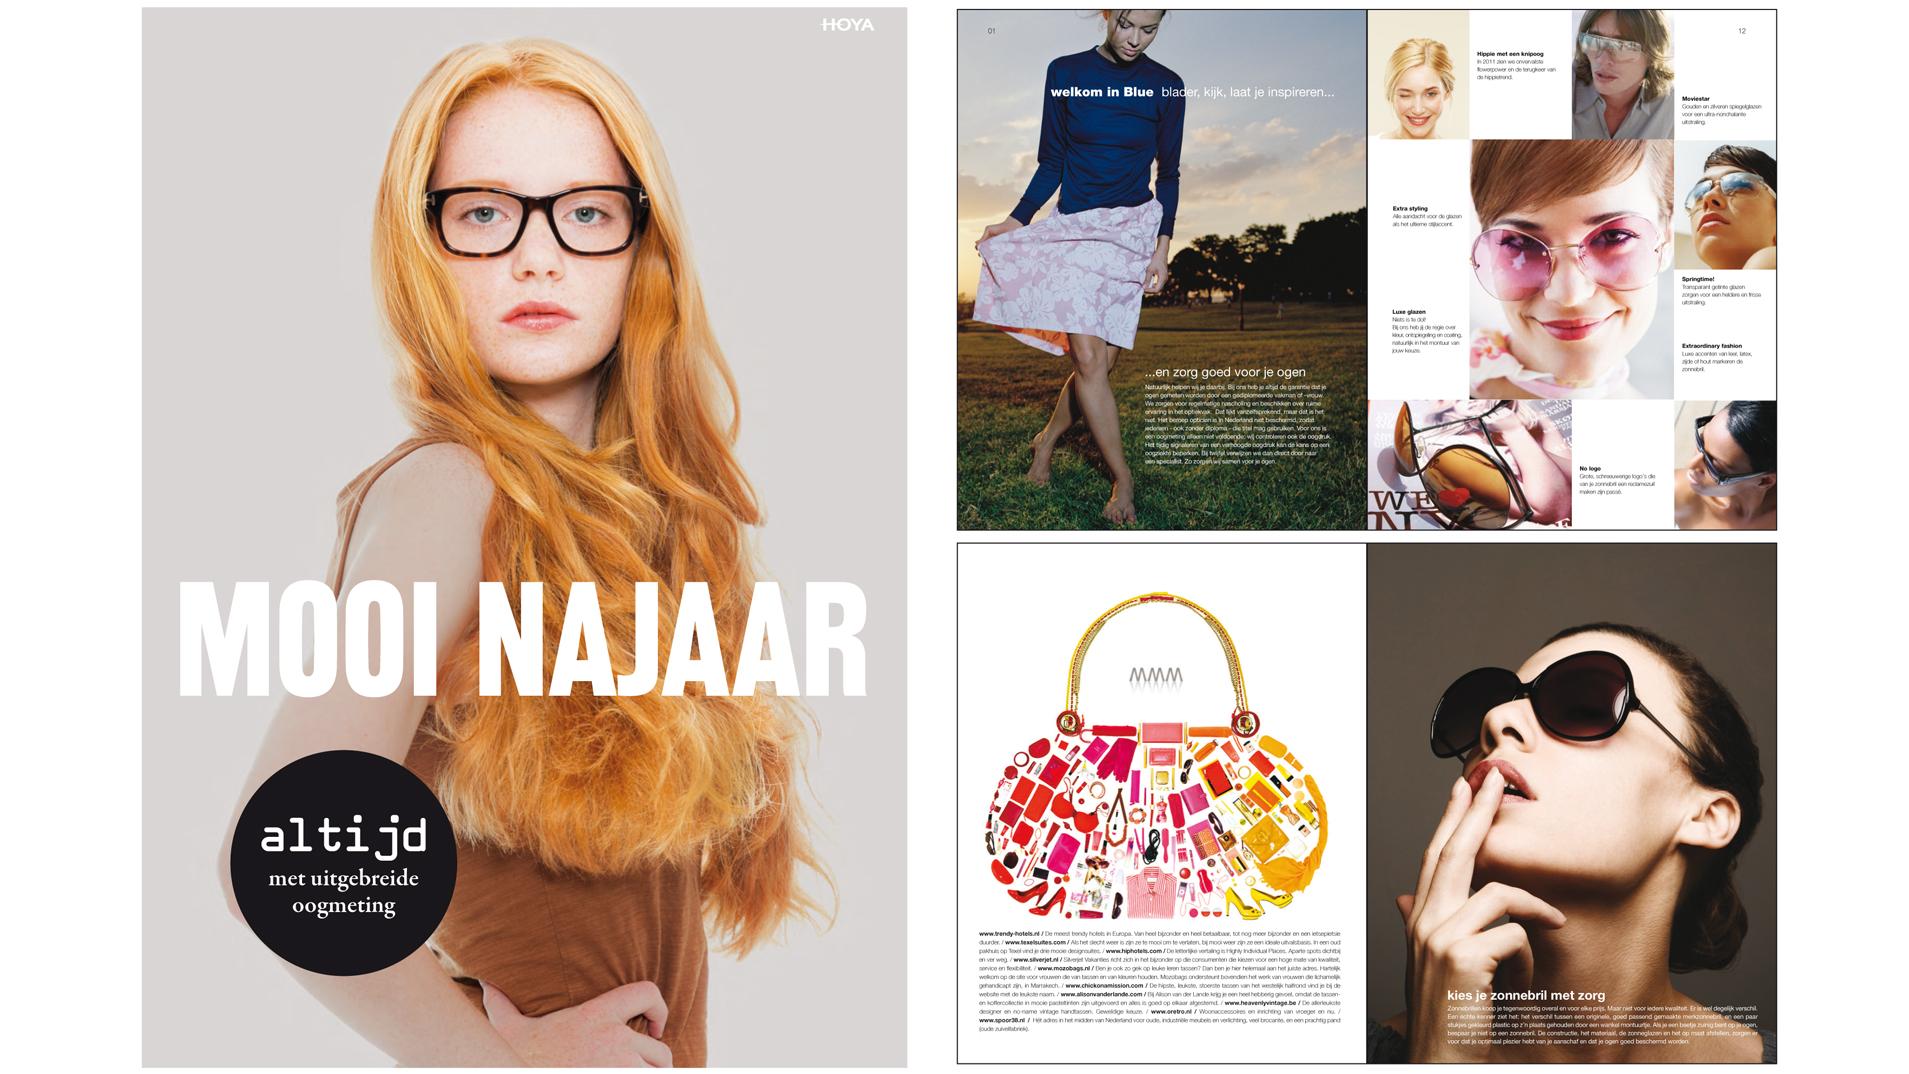 Concept en vormgeving voor campagnes en magazines - Hoya Vision Care